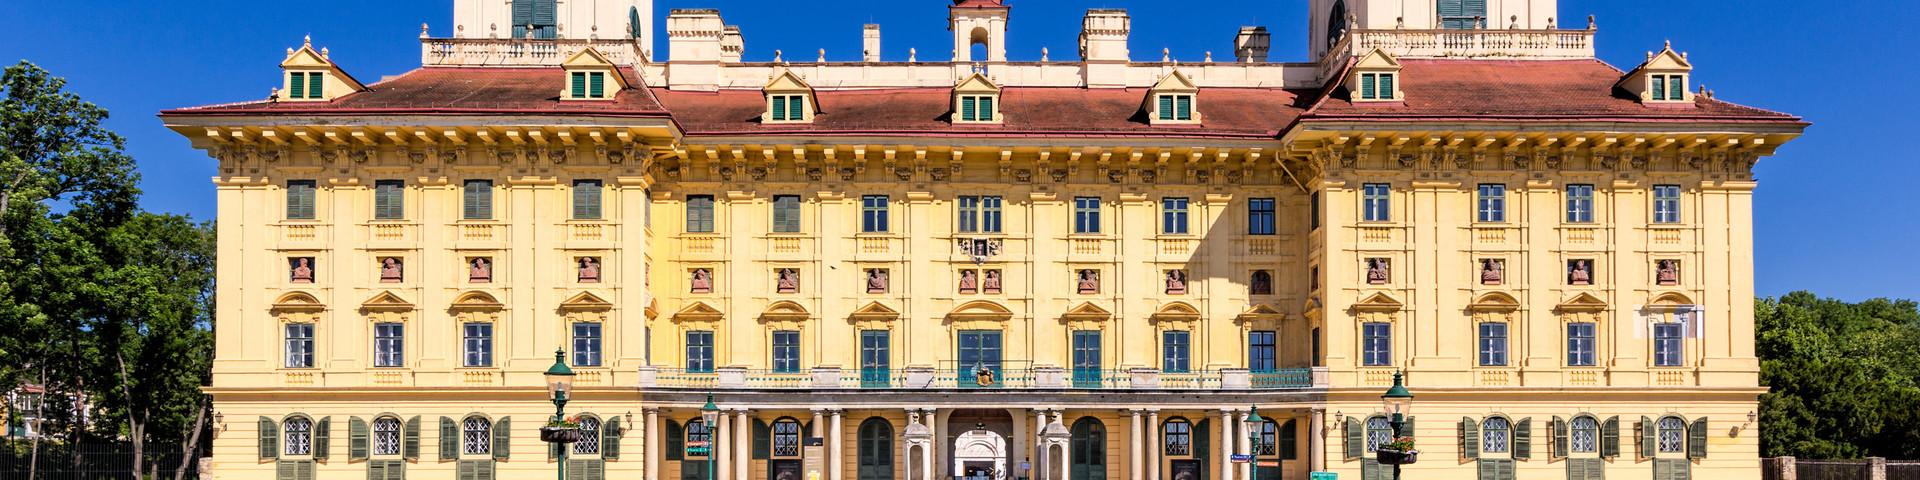 Schloss Esterházy - Aussenansicht © PAN.EVENT GMBH und Esterházy Betriebe GmbH